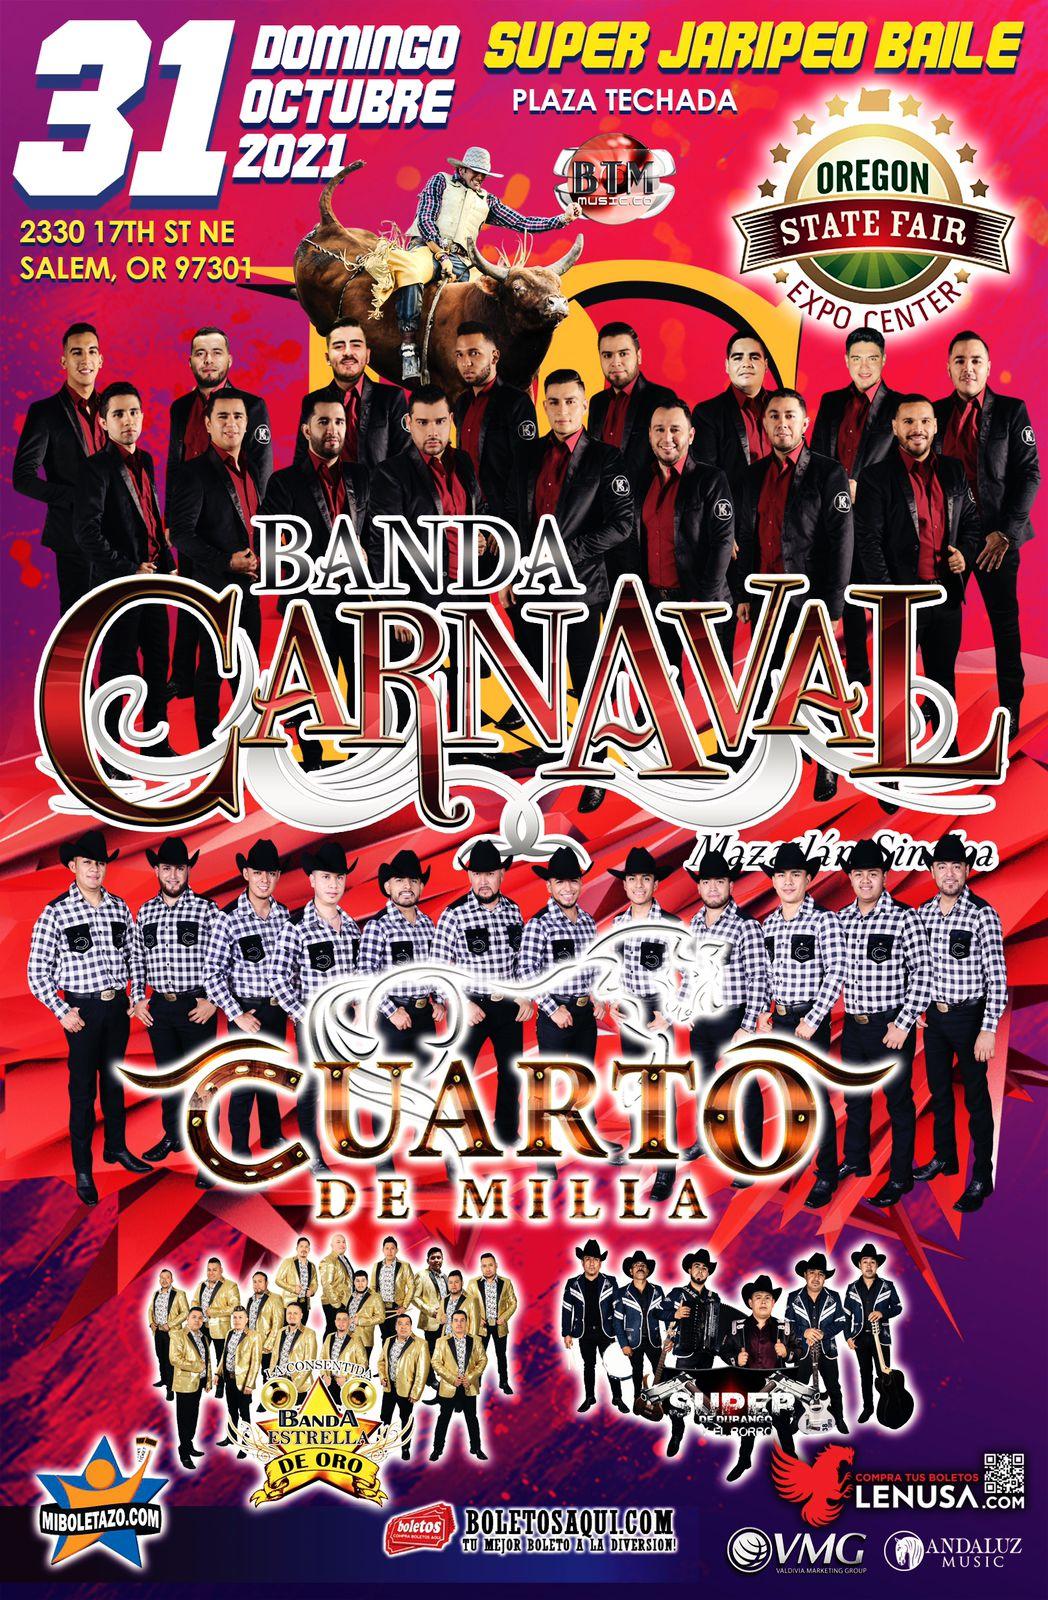 Super Jaripeo Baile con Banda Carnaval, Cuarto de Milla, Banda Estrella de Oro y Super de Durango- Salem, OR. – Expo Center